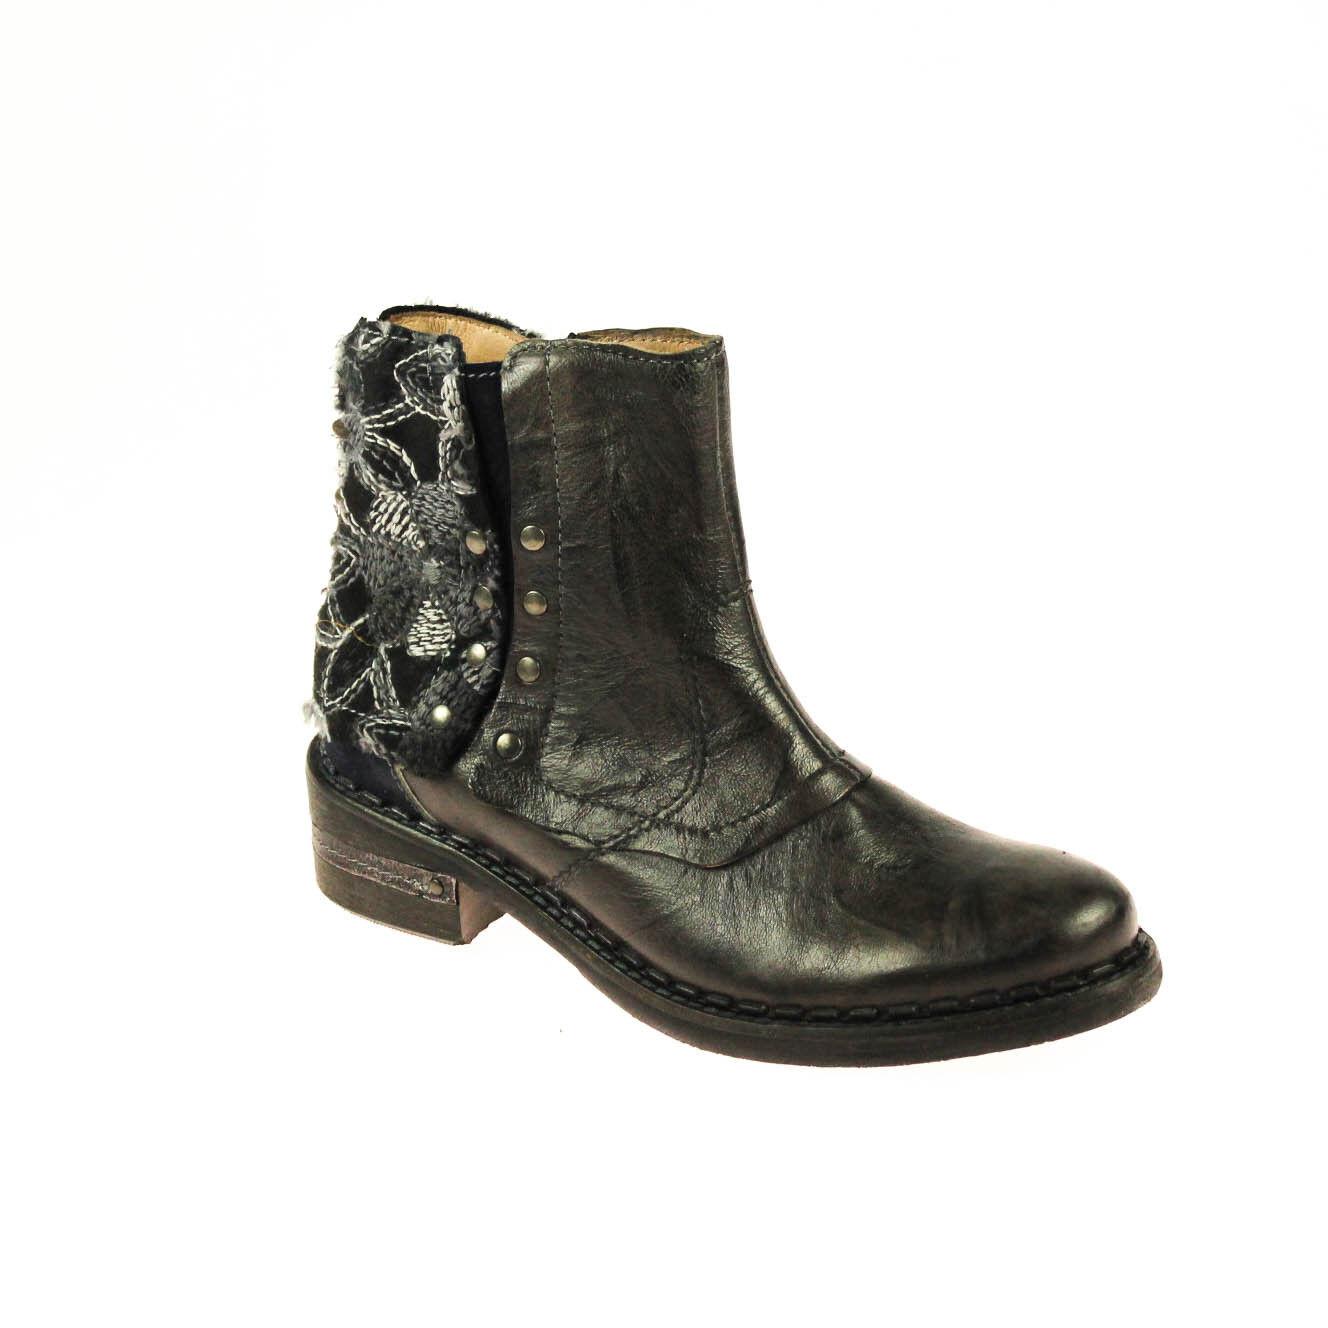 Encanto señora botín semi zapato de cuero marrón marrón oscuro azul multiColor